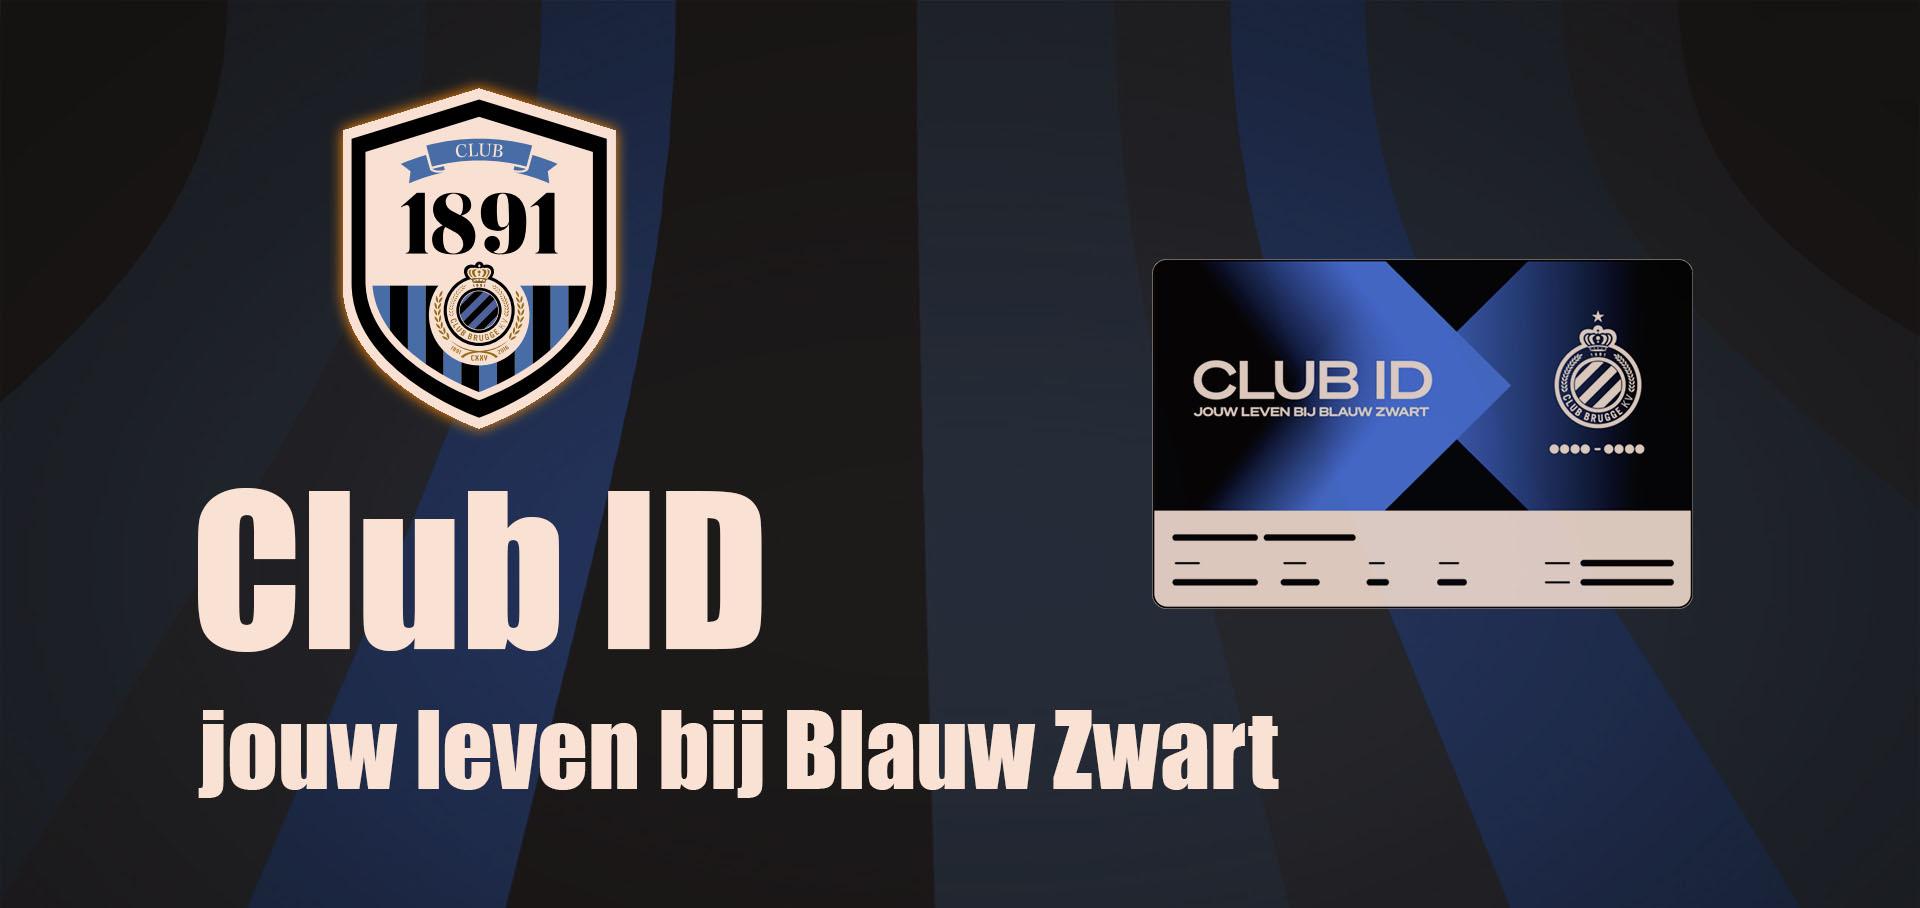 Club ID BZL12